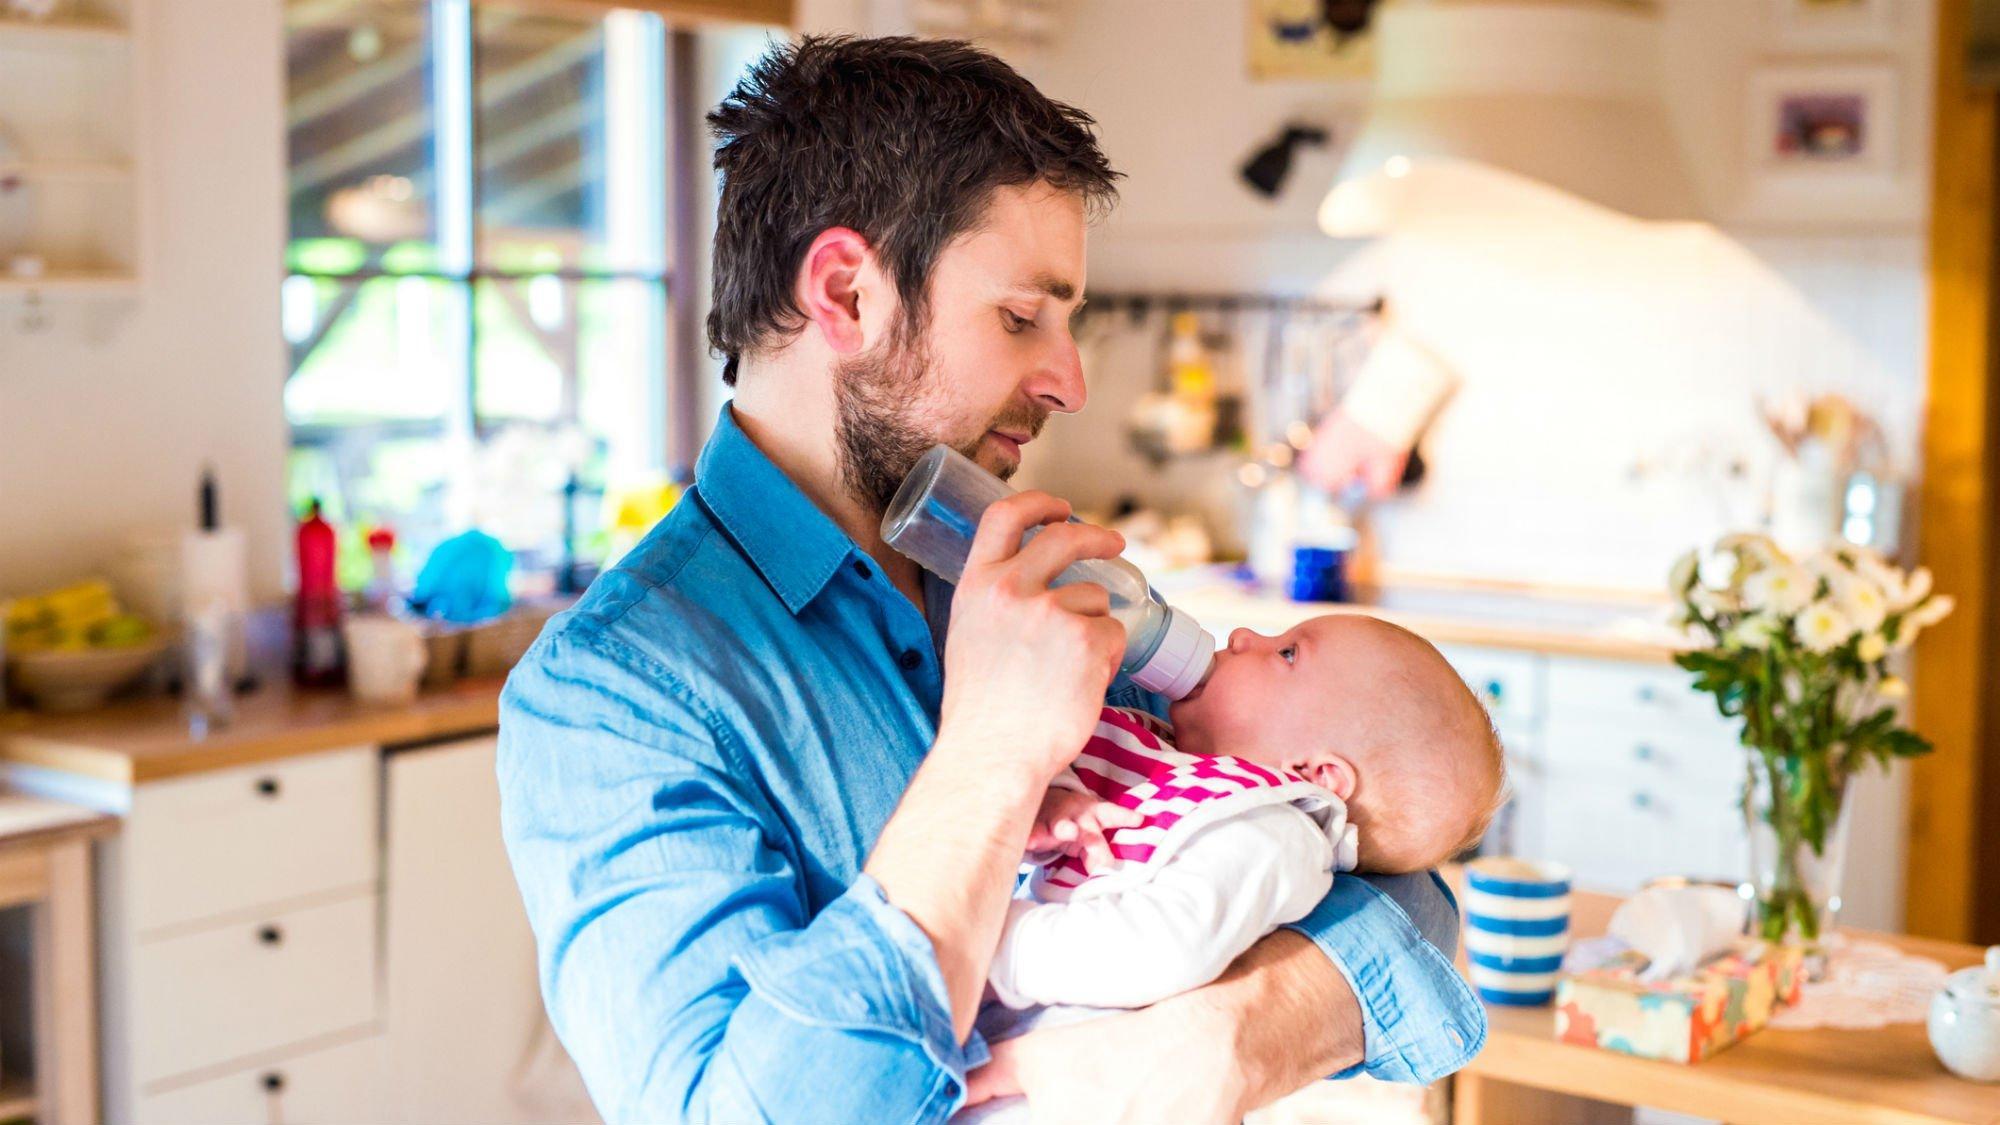 Мужской мозг может работать «по-матерински»